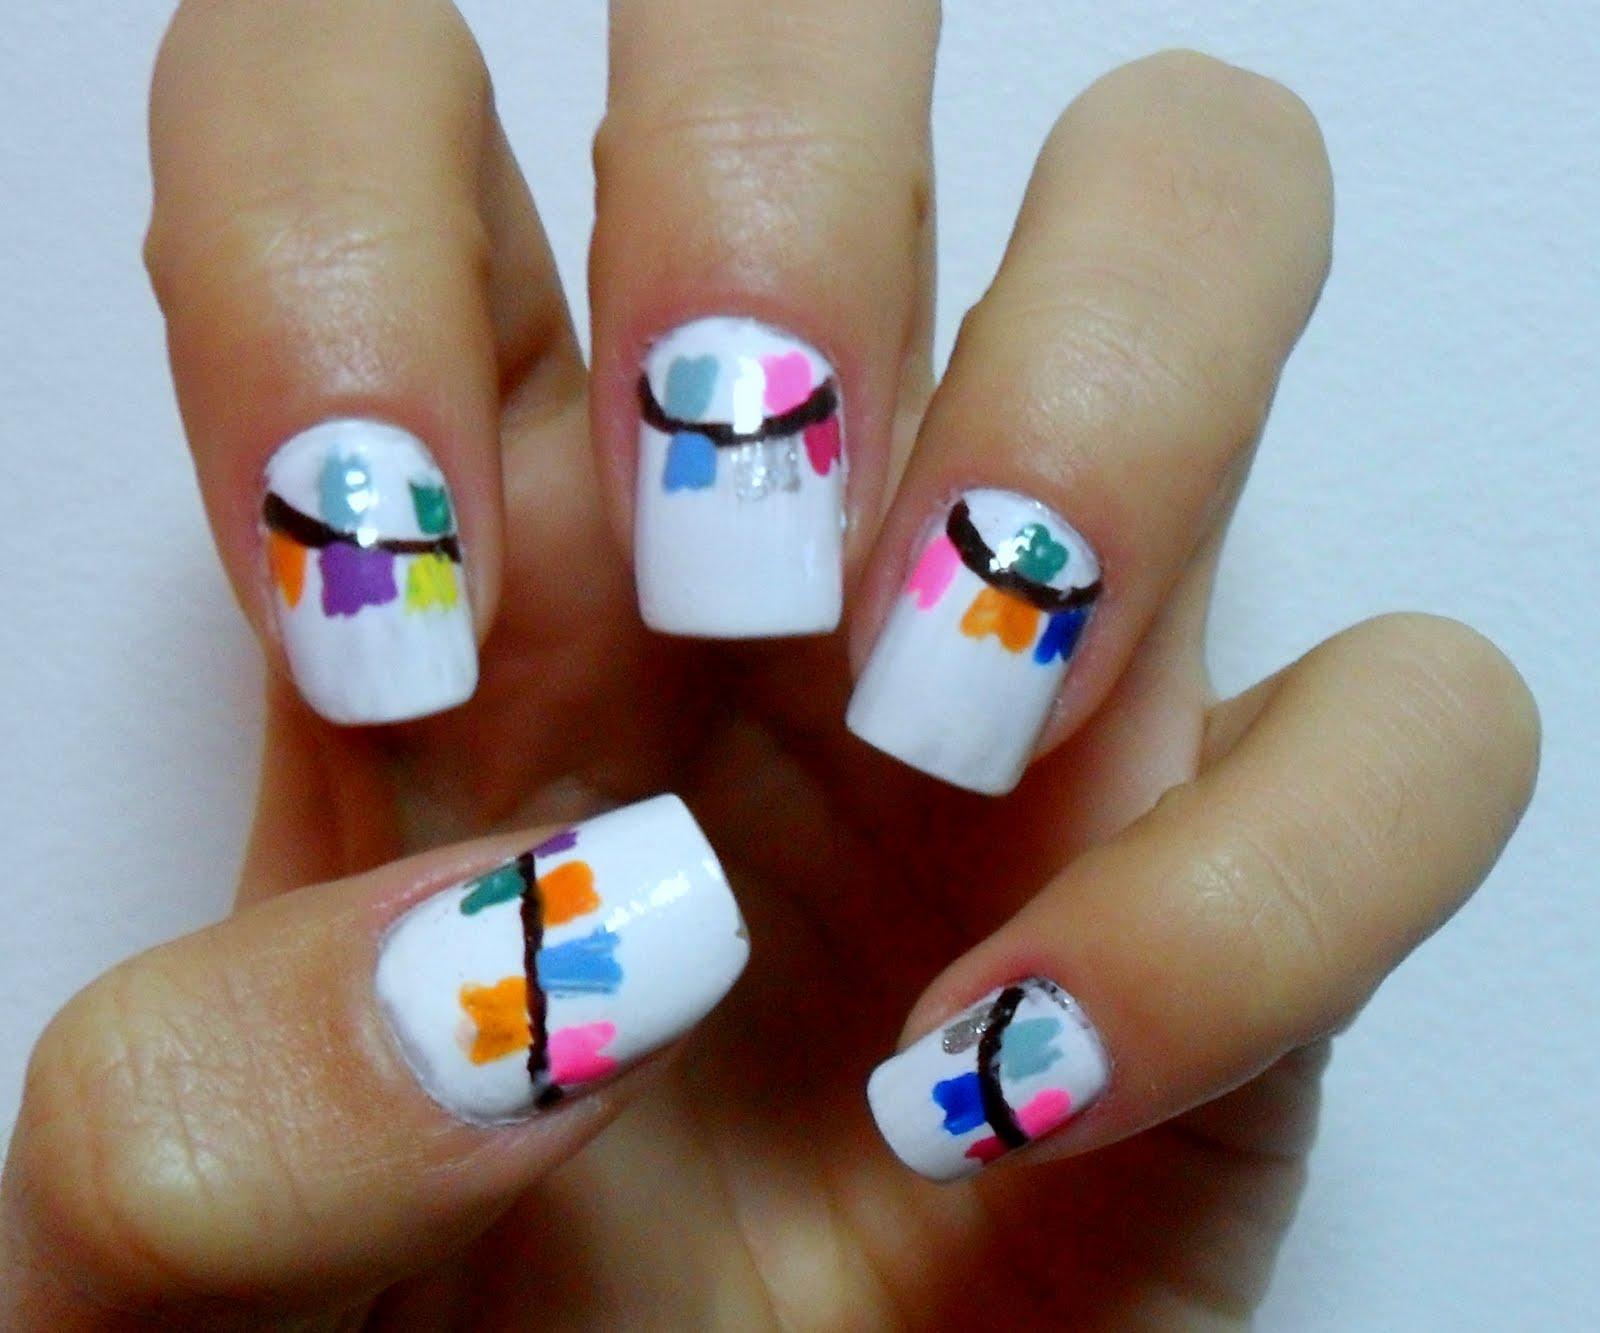 Novos modelos de unhas decoradas 2015 - Como Fazer as unhas